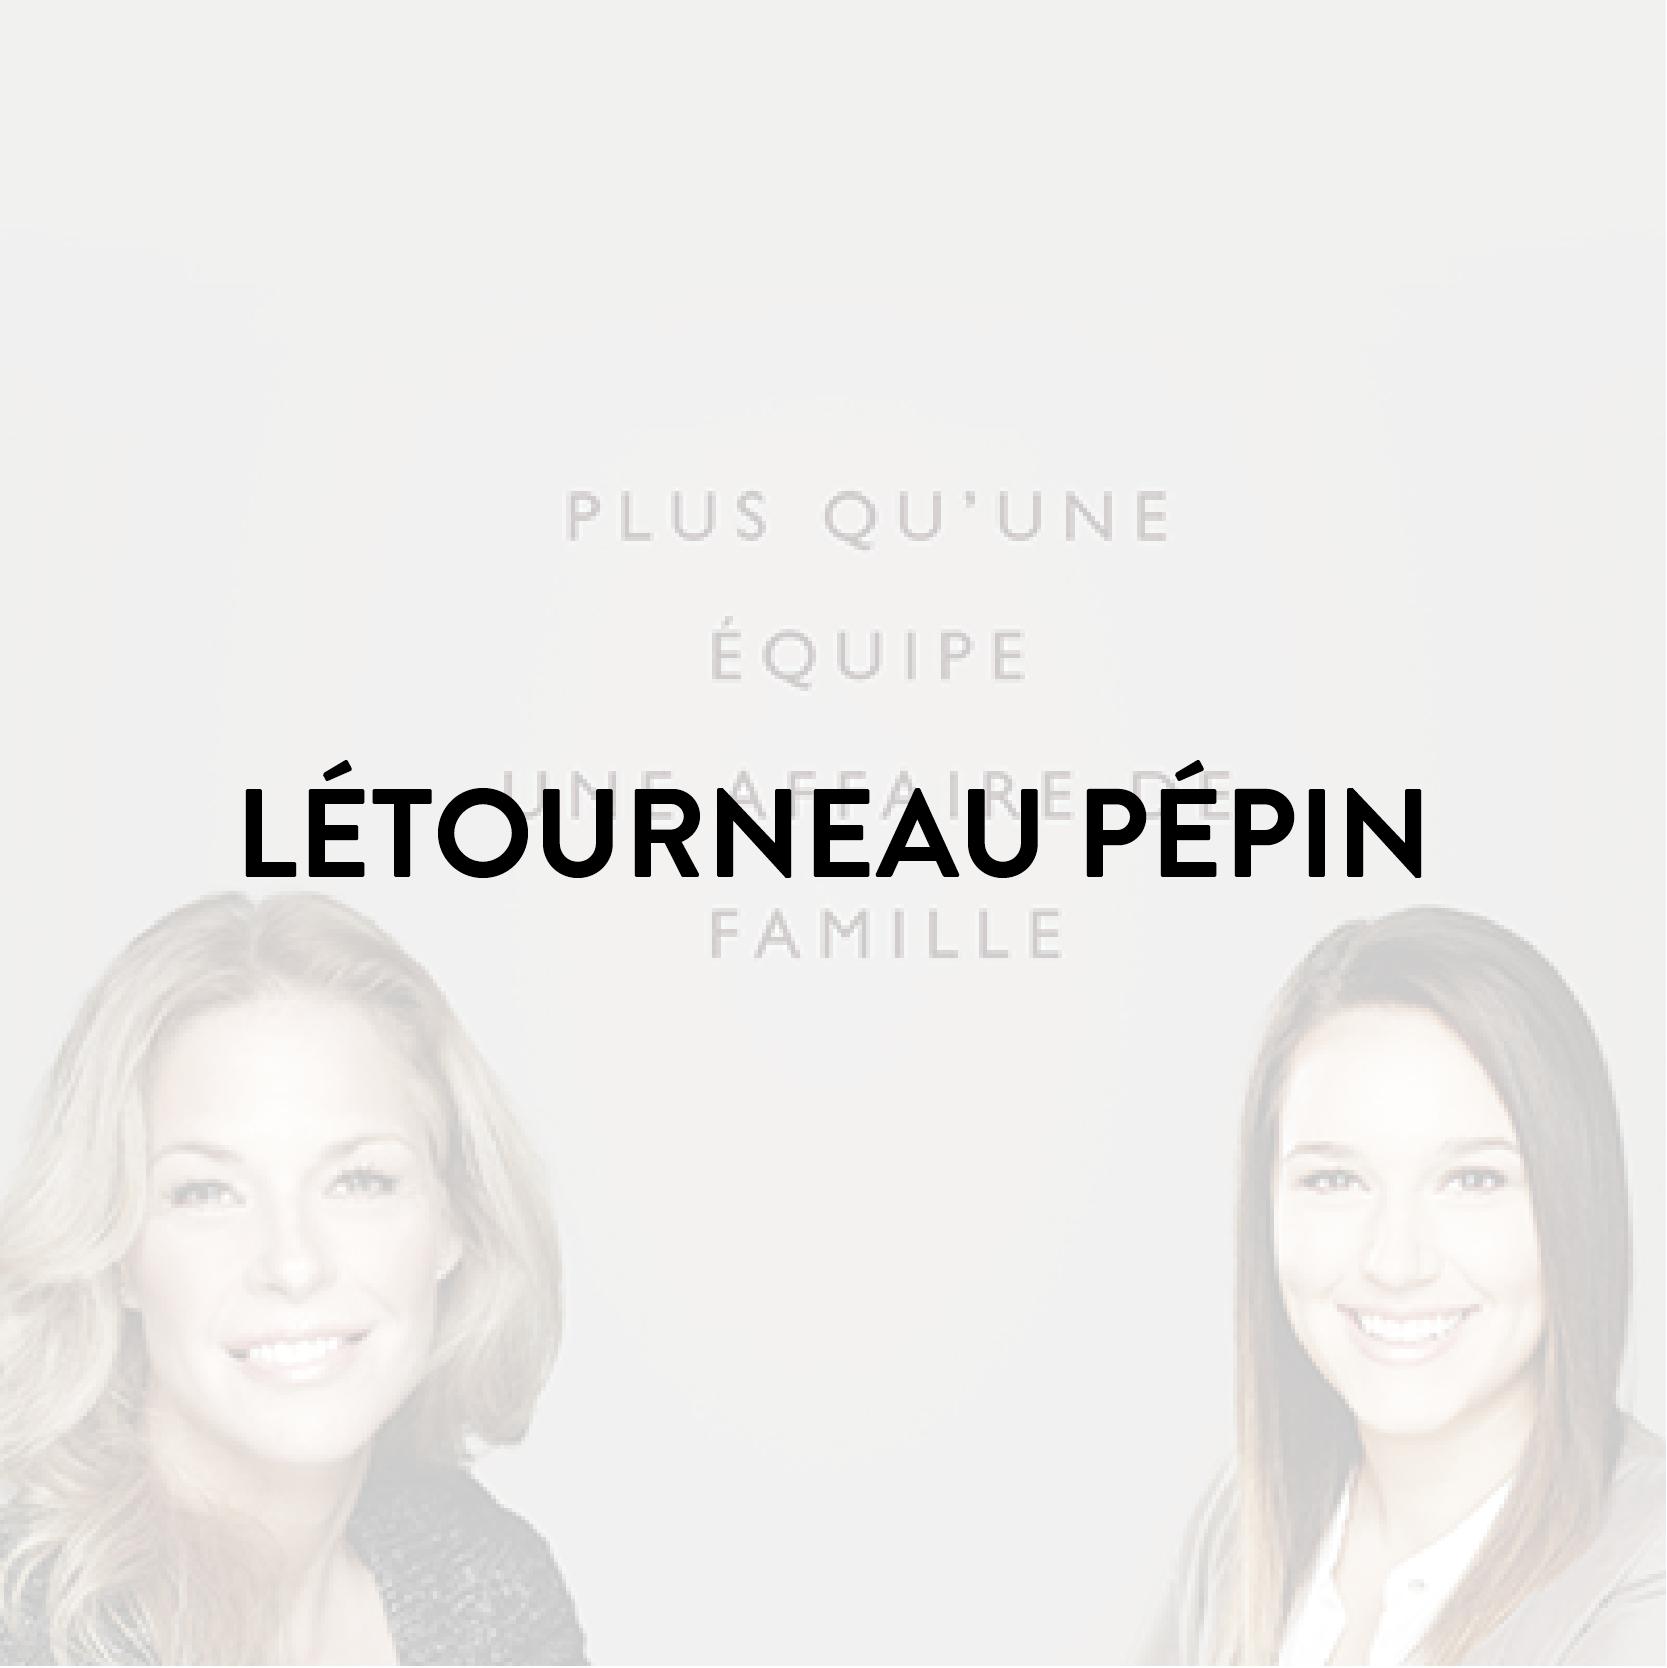 Létourneau Pépin